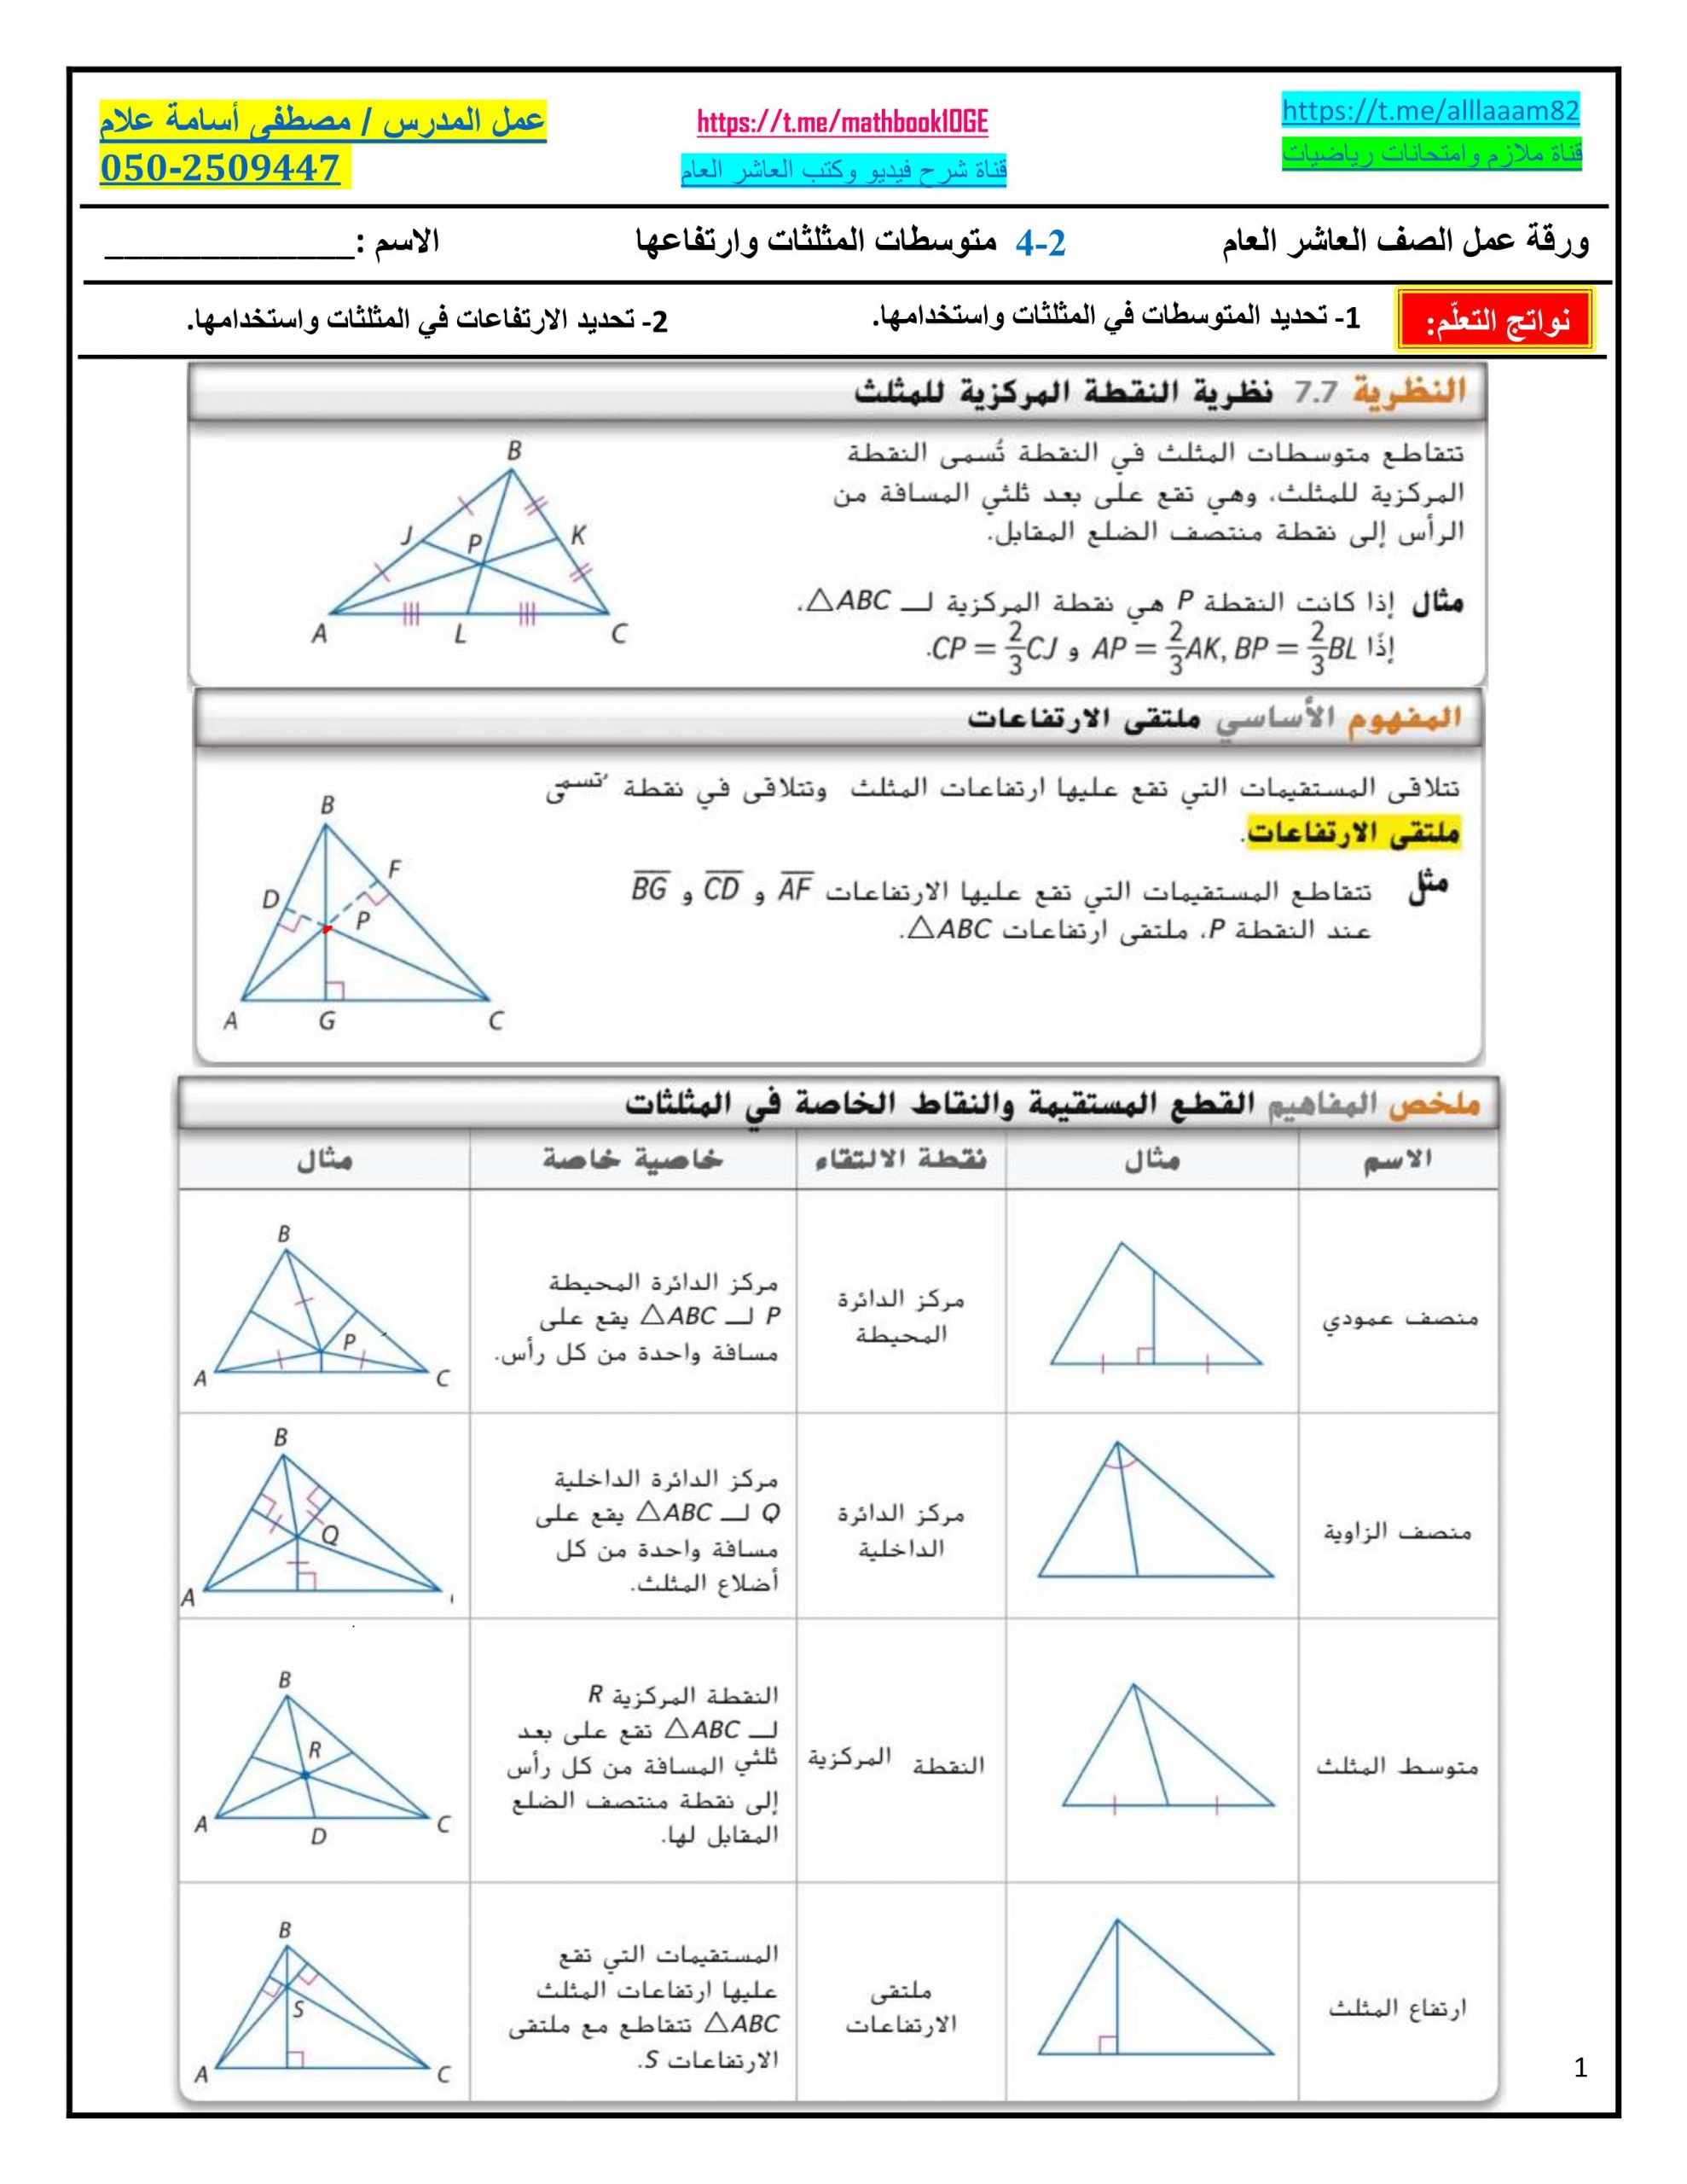 حل درس متوسطات المثلثات وارتفاعها الصف العاشر مادة الرياضت المتكاملة